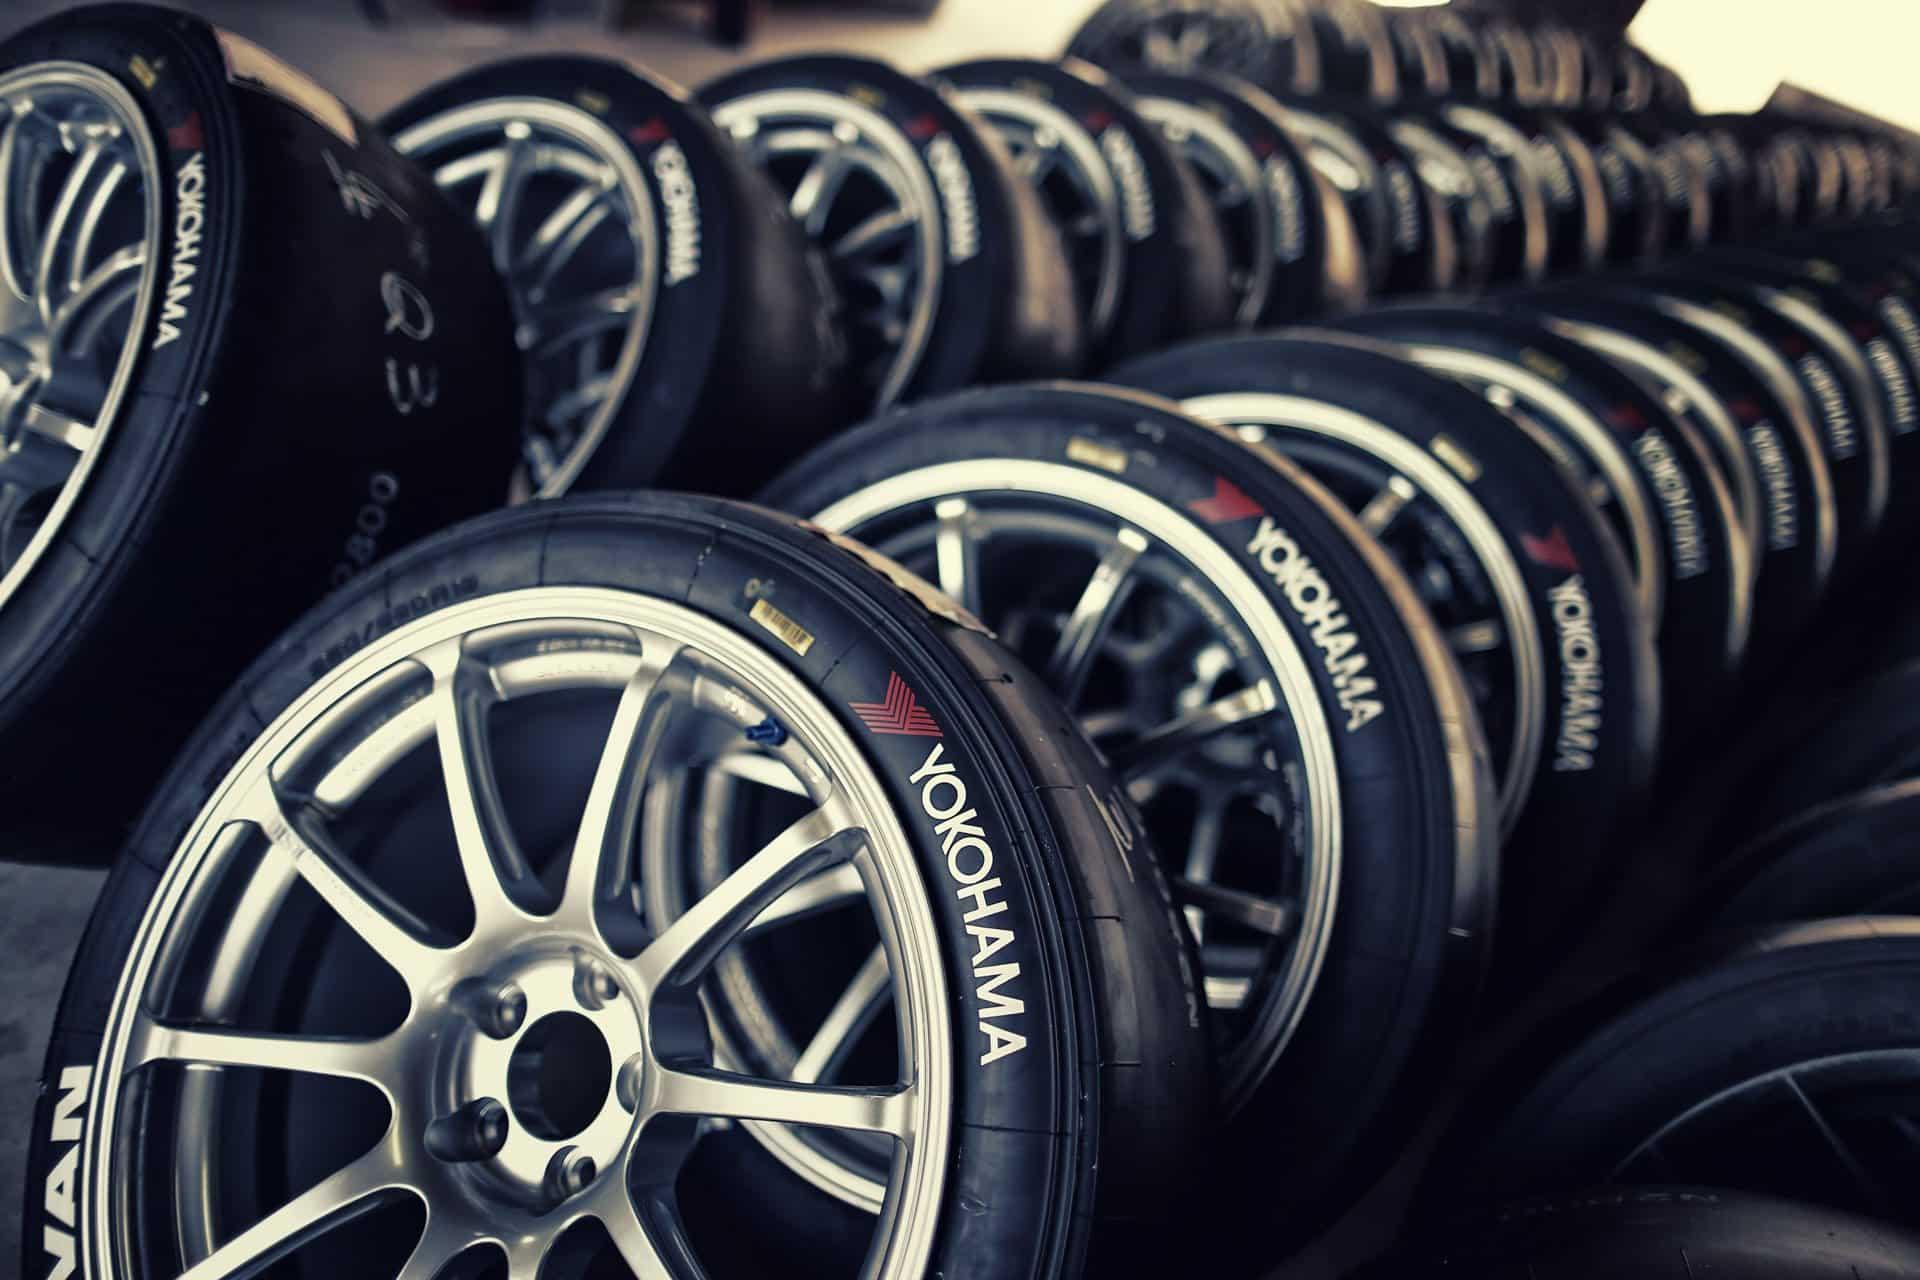 YOKOHAMA-tyres yokohama-ottawa ottawa-tires tire summer-tires all-season-tires ottawa goldwing